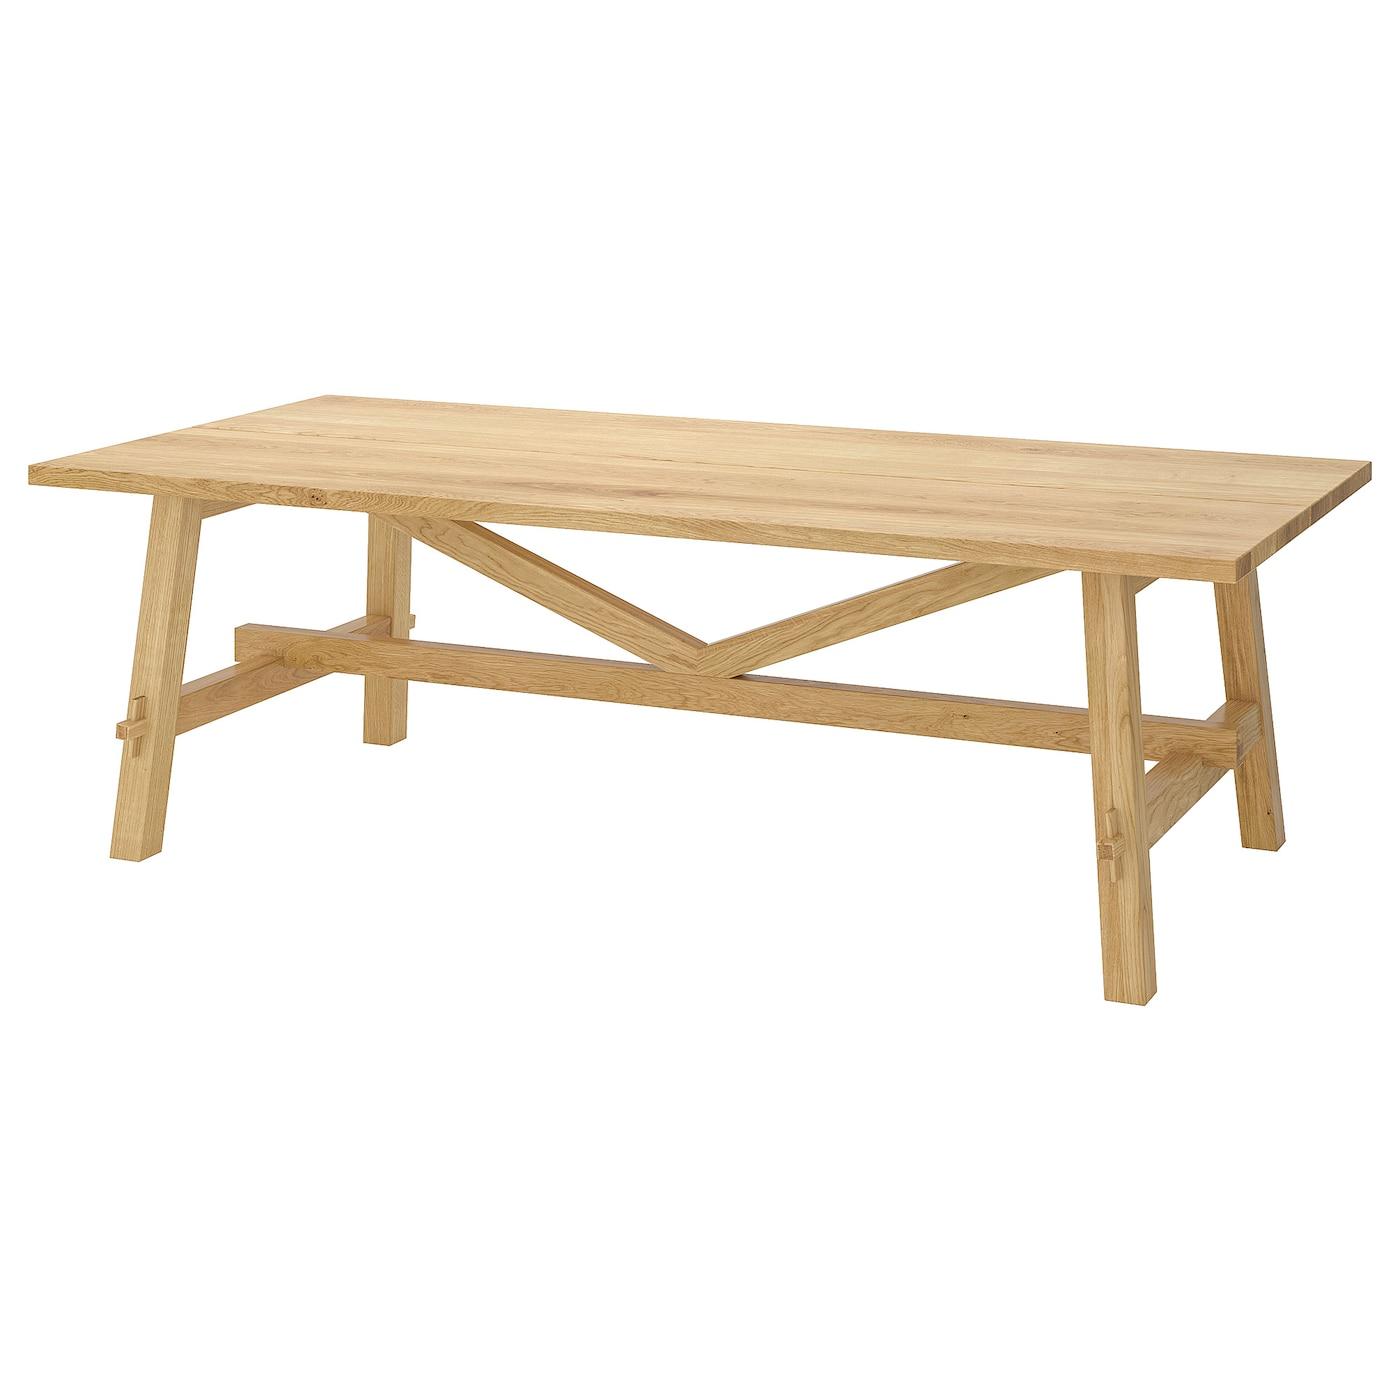 Full Size of Gartentisch Ikea Mckelby Tisch Eiche Deutschland Betten Bei Küche Kosten 160x200 Kaufen Modulküche Sofa Mit Schlaffunktion Miniküche Wohnzimmer Gartentisch Ikea